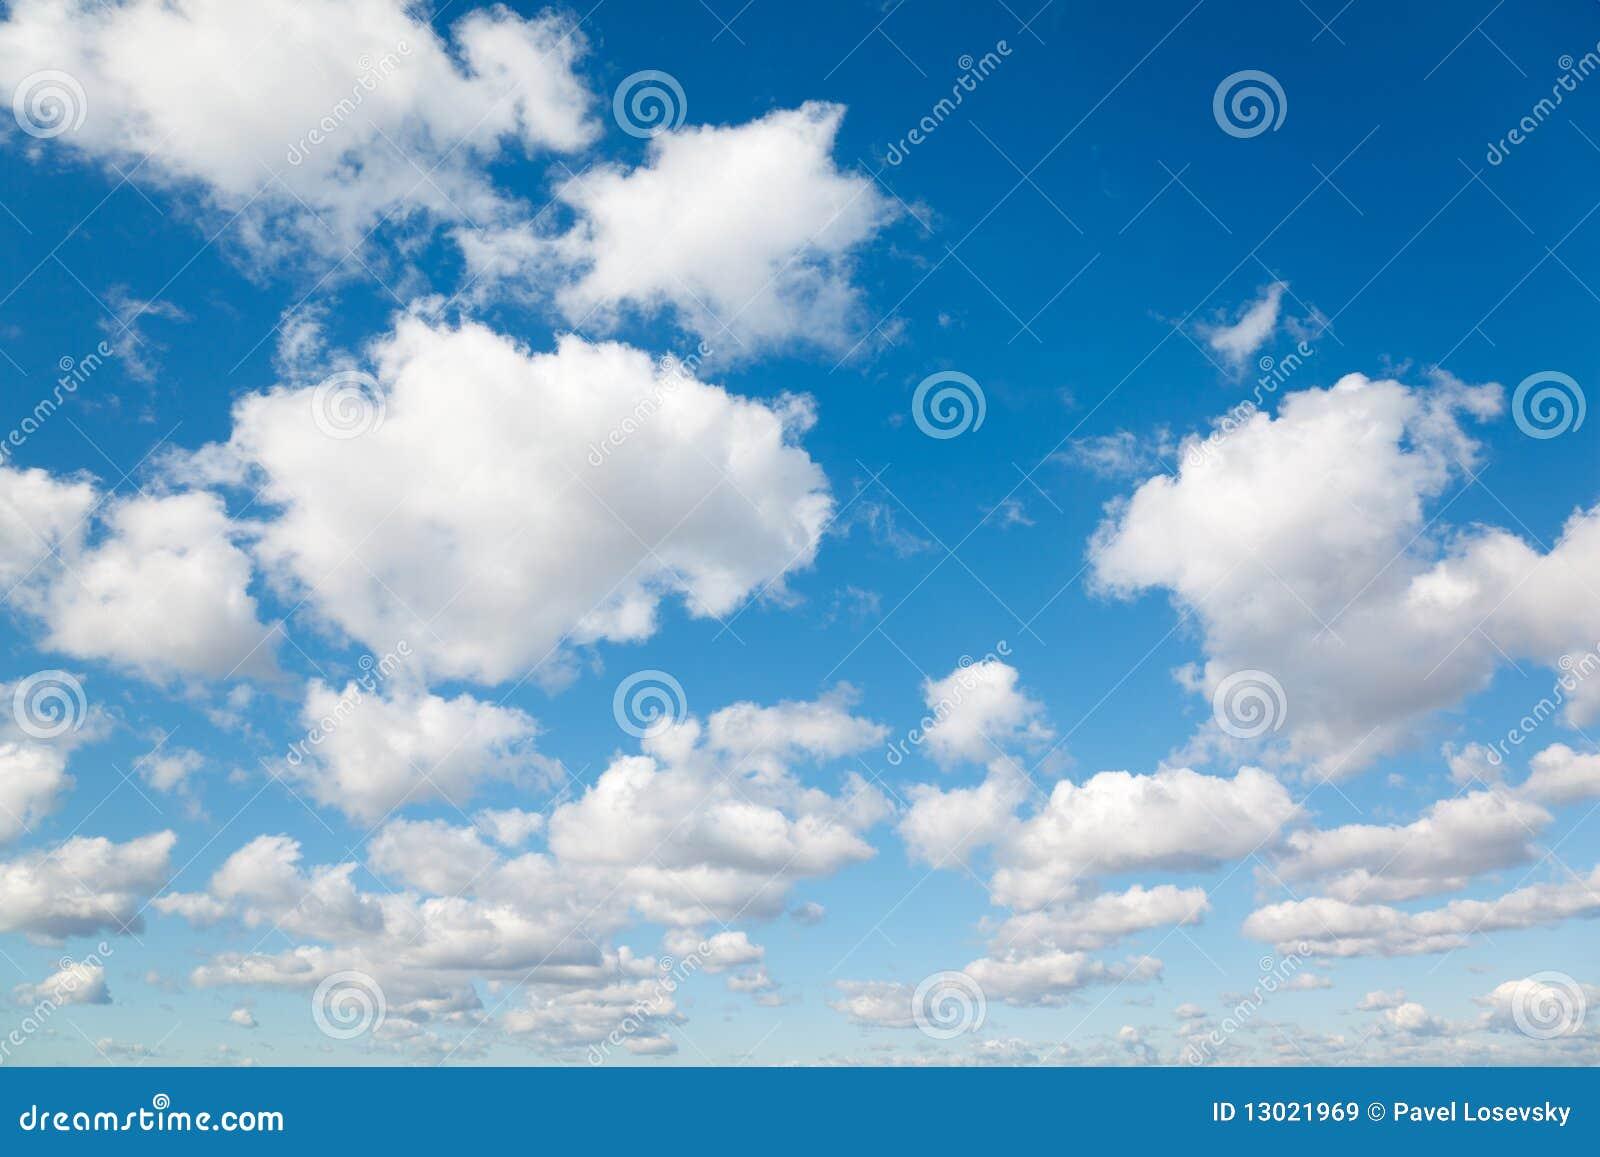 Błękit chmurnieje niebo puszystego biel